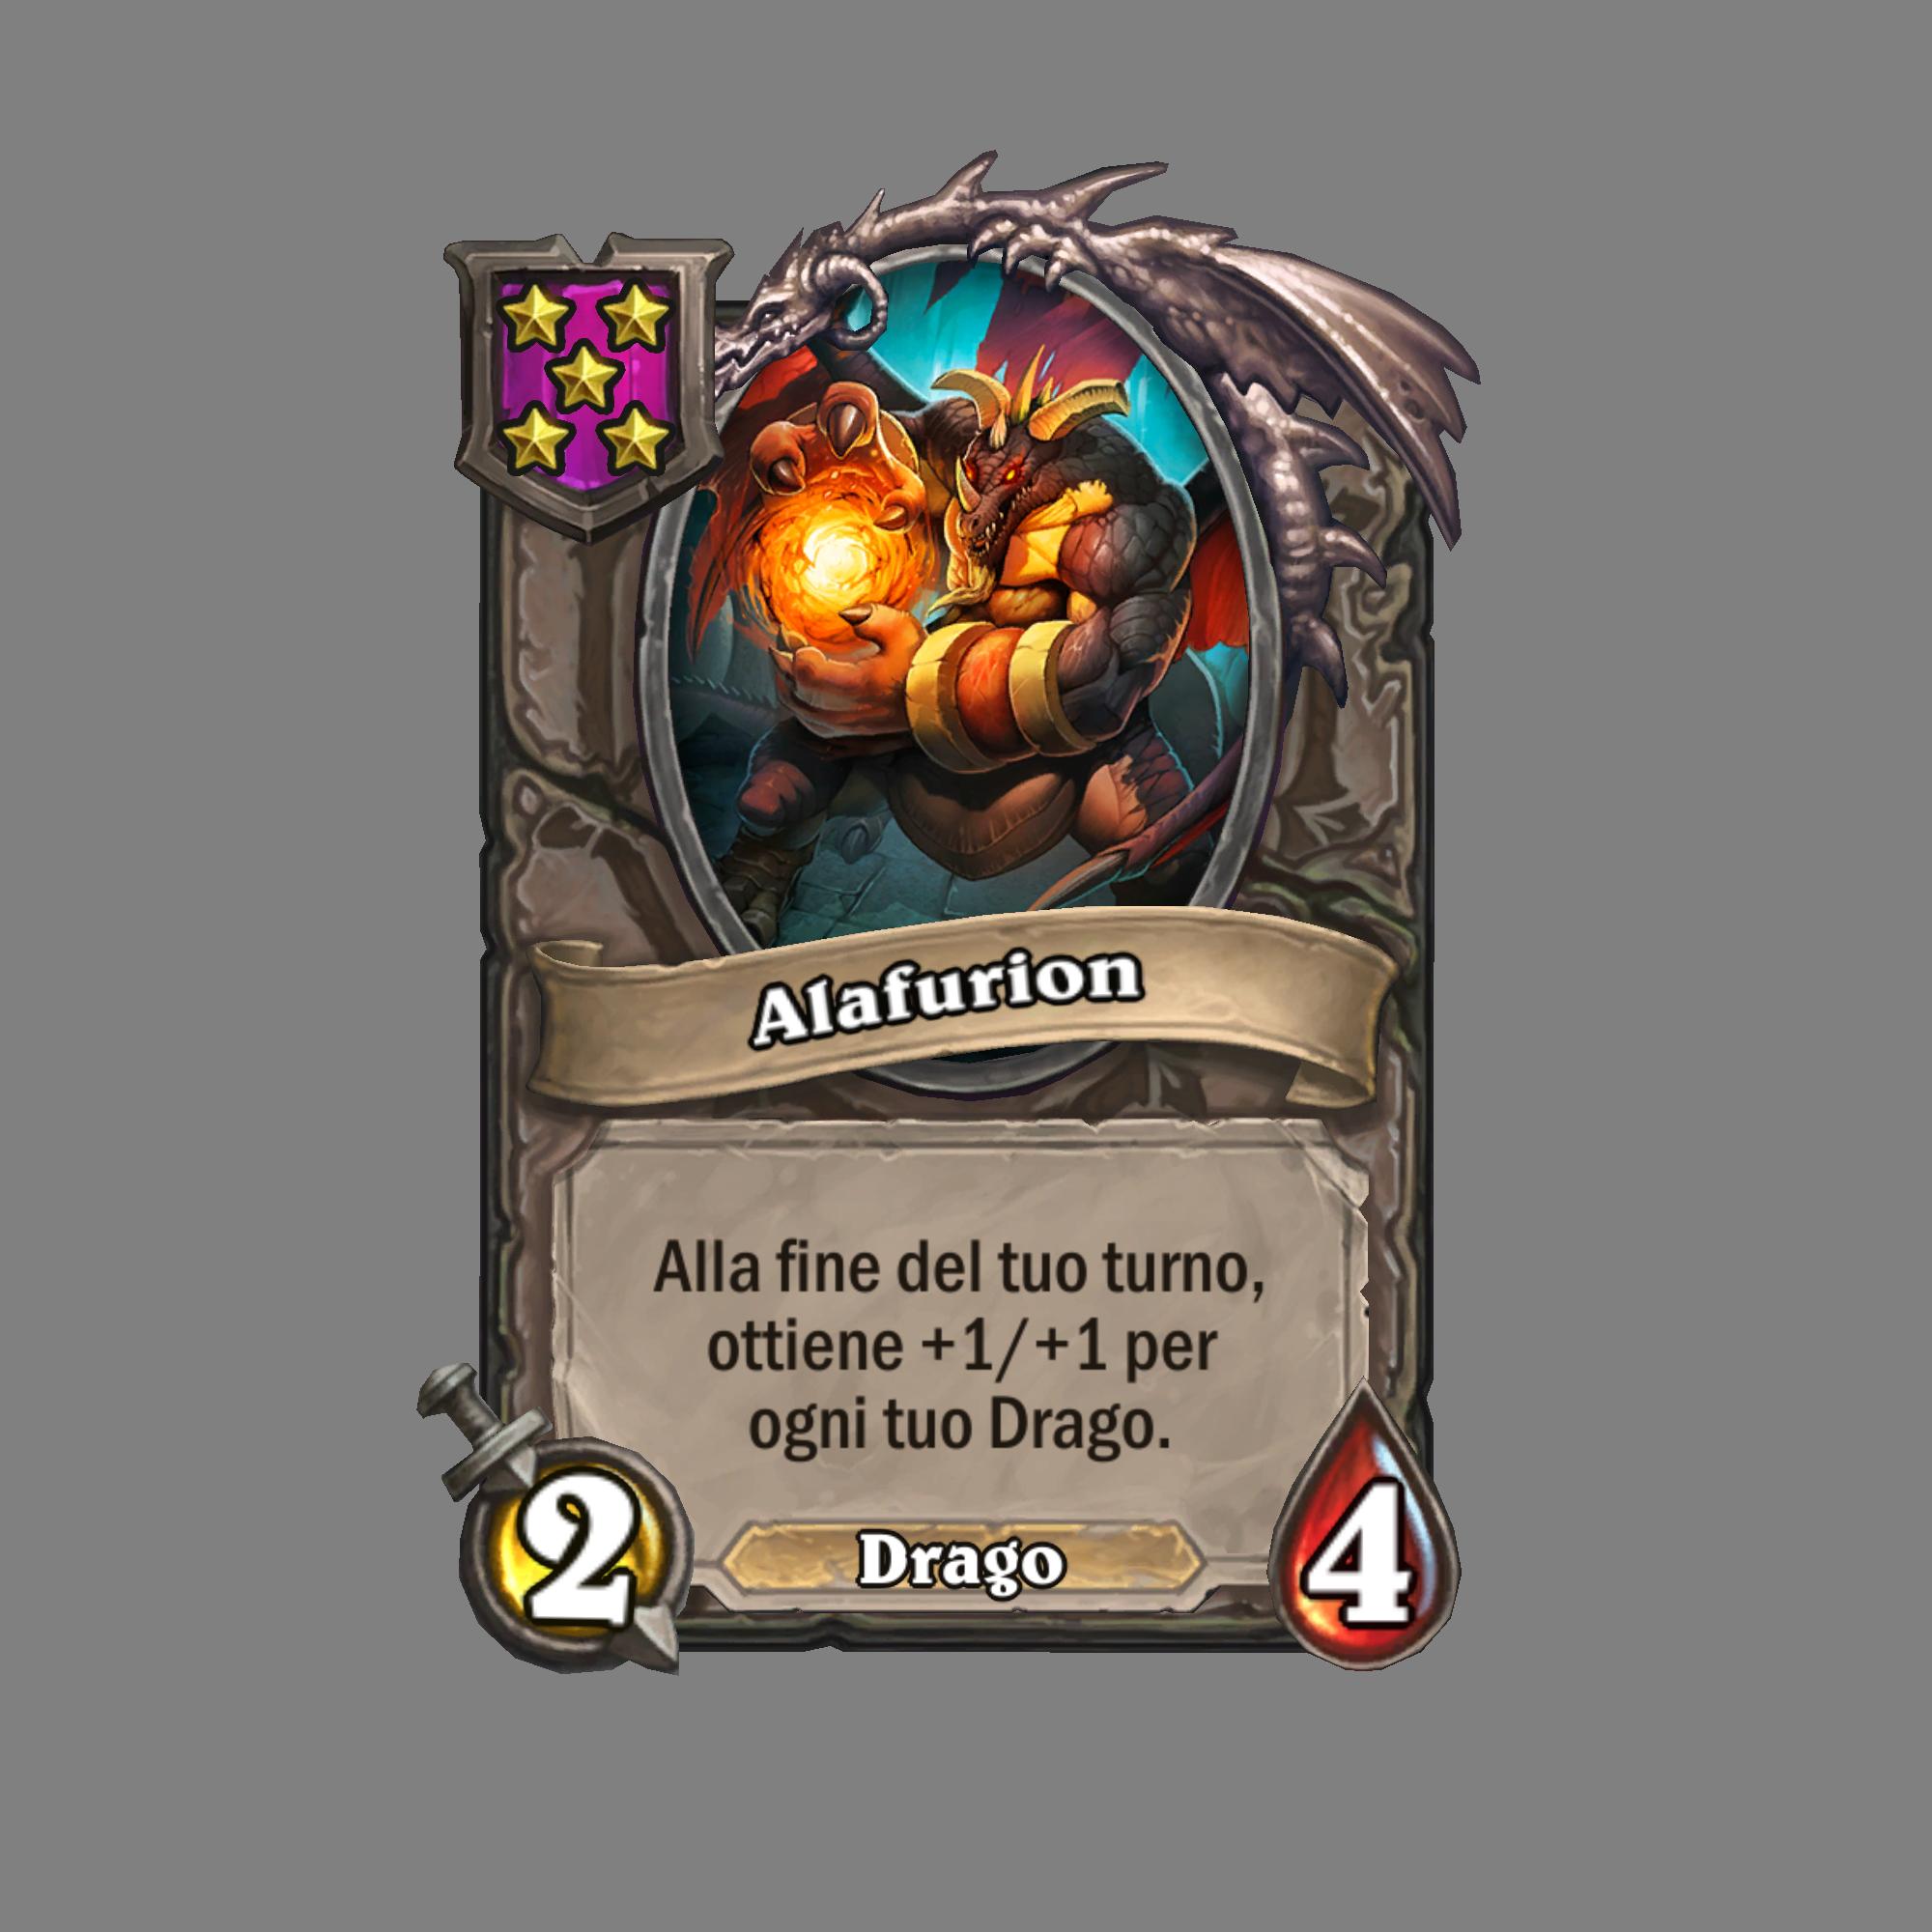 Alafurion